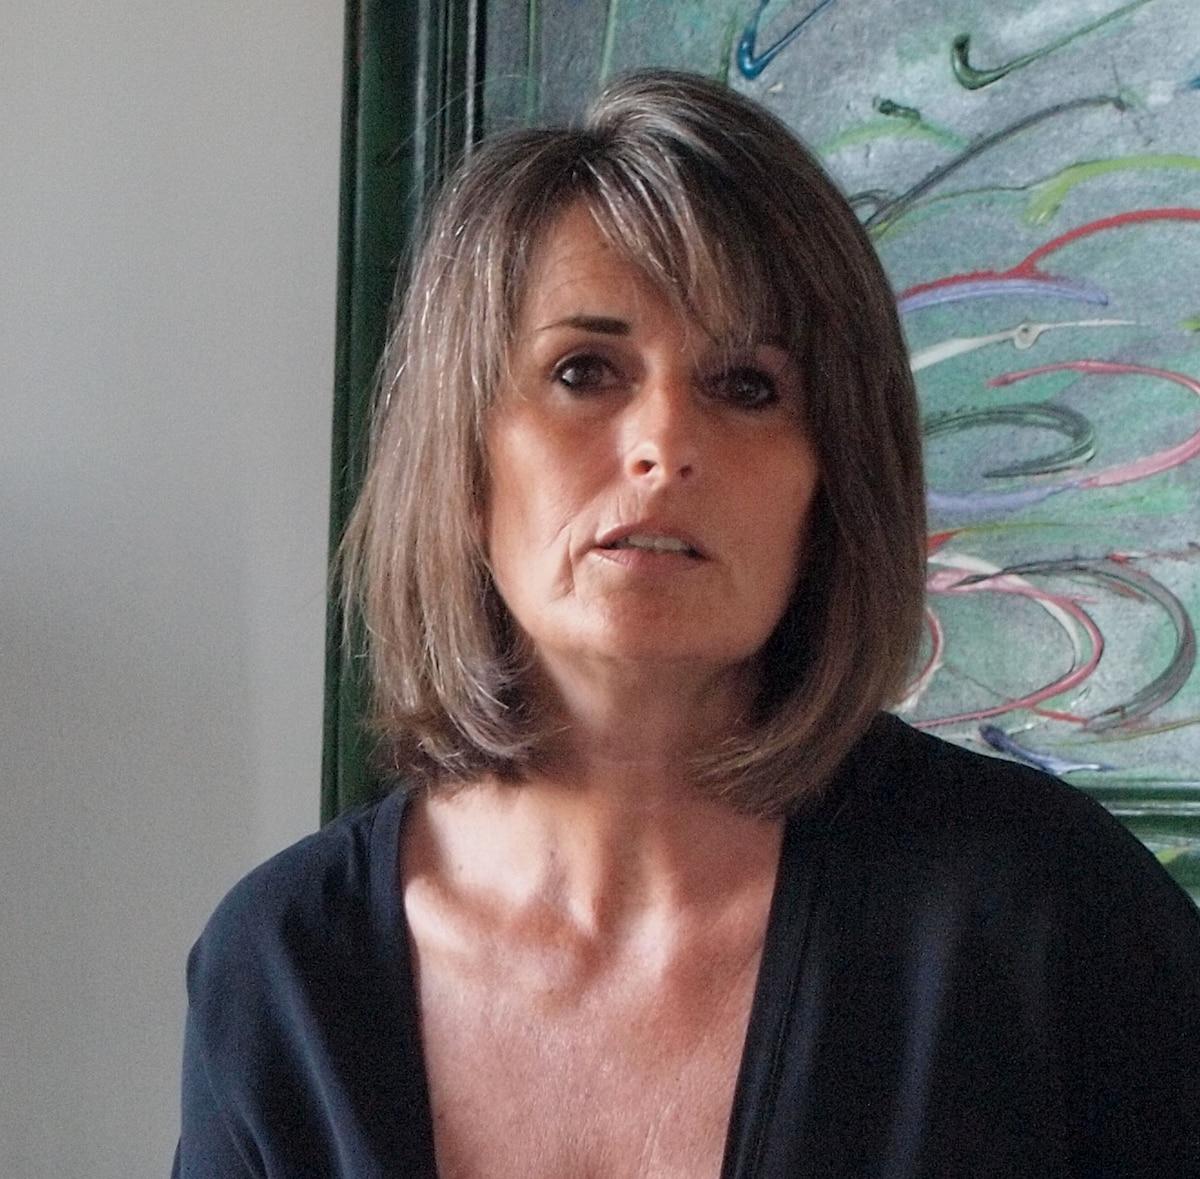 Manuela from Ravenna